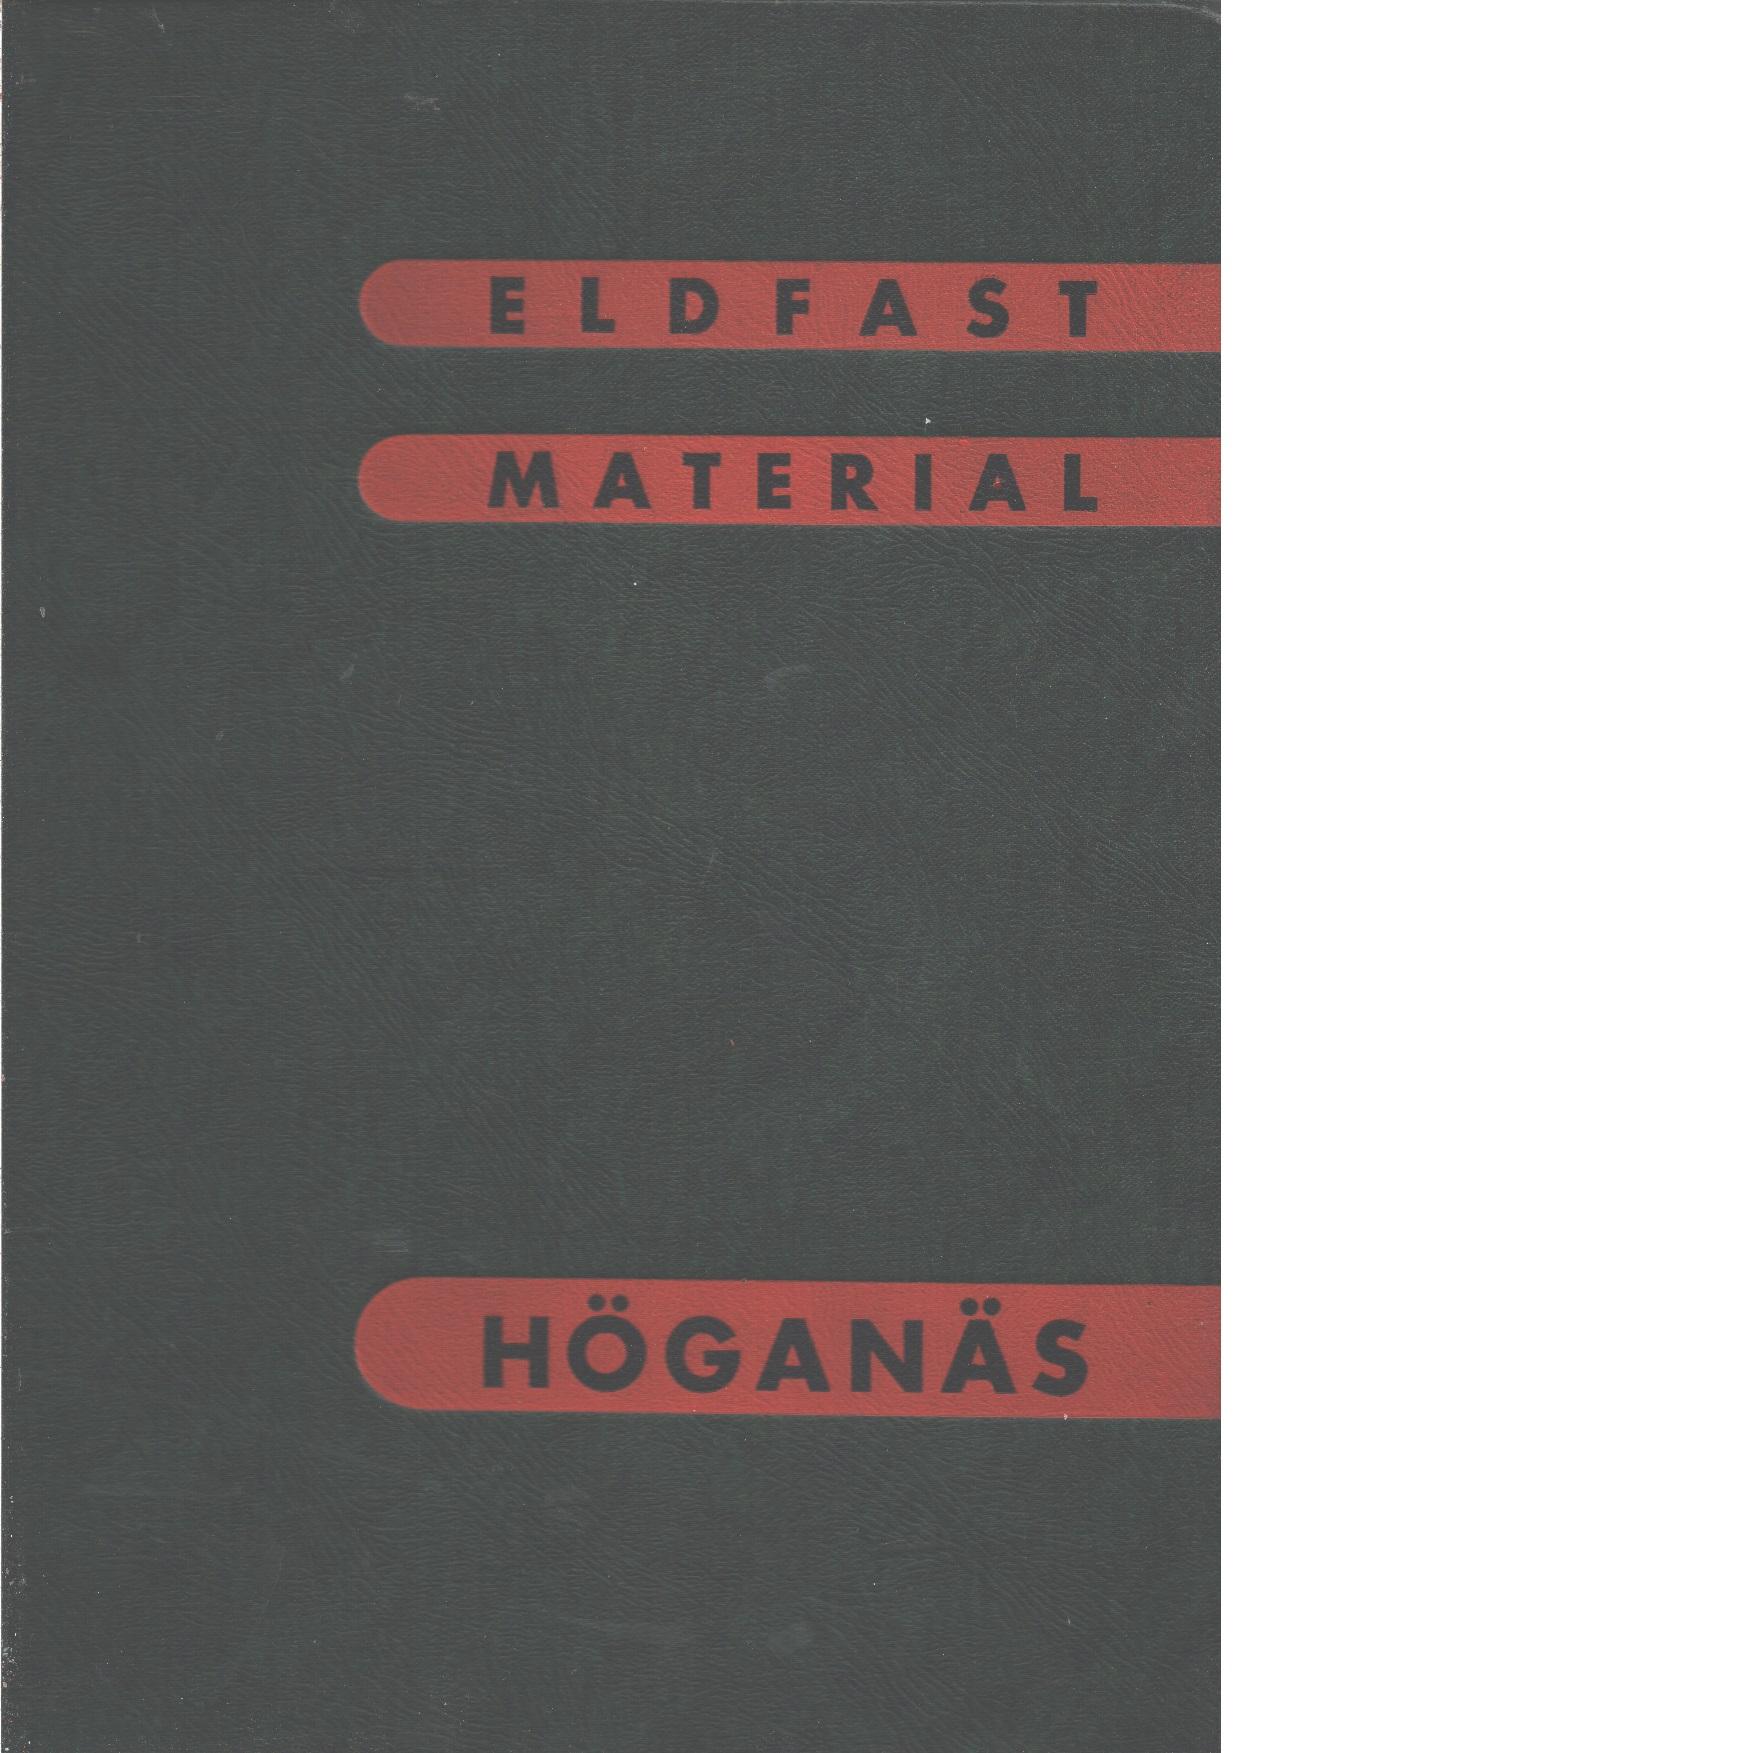 Handbok över eldfast material - Red. Sjöström, Ivar